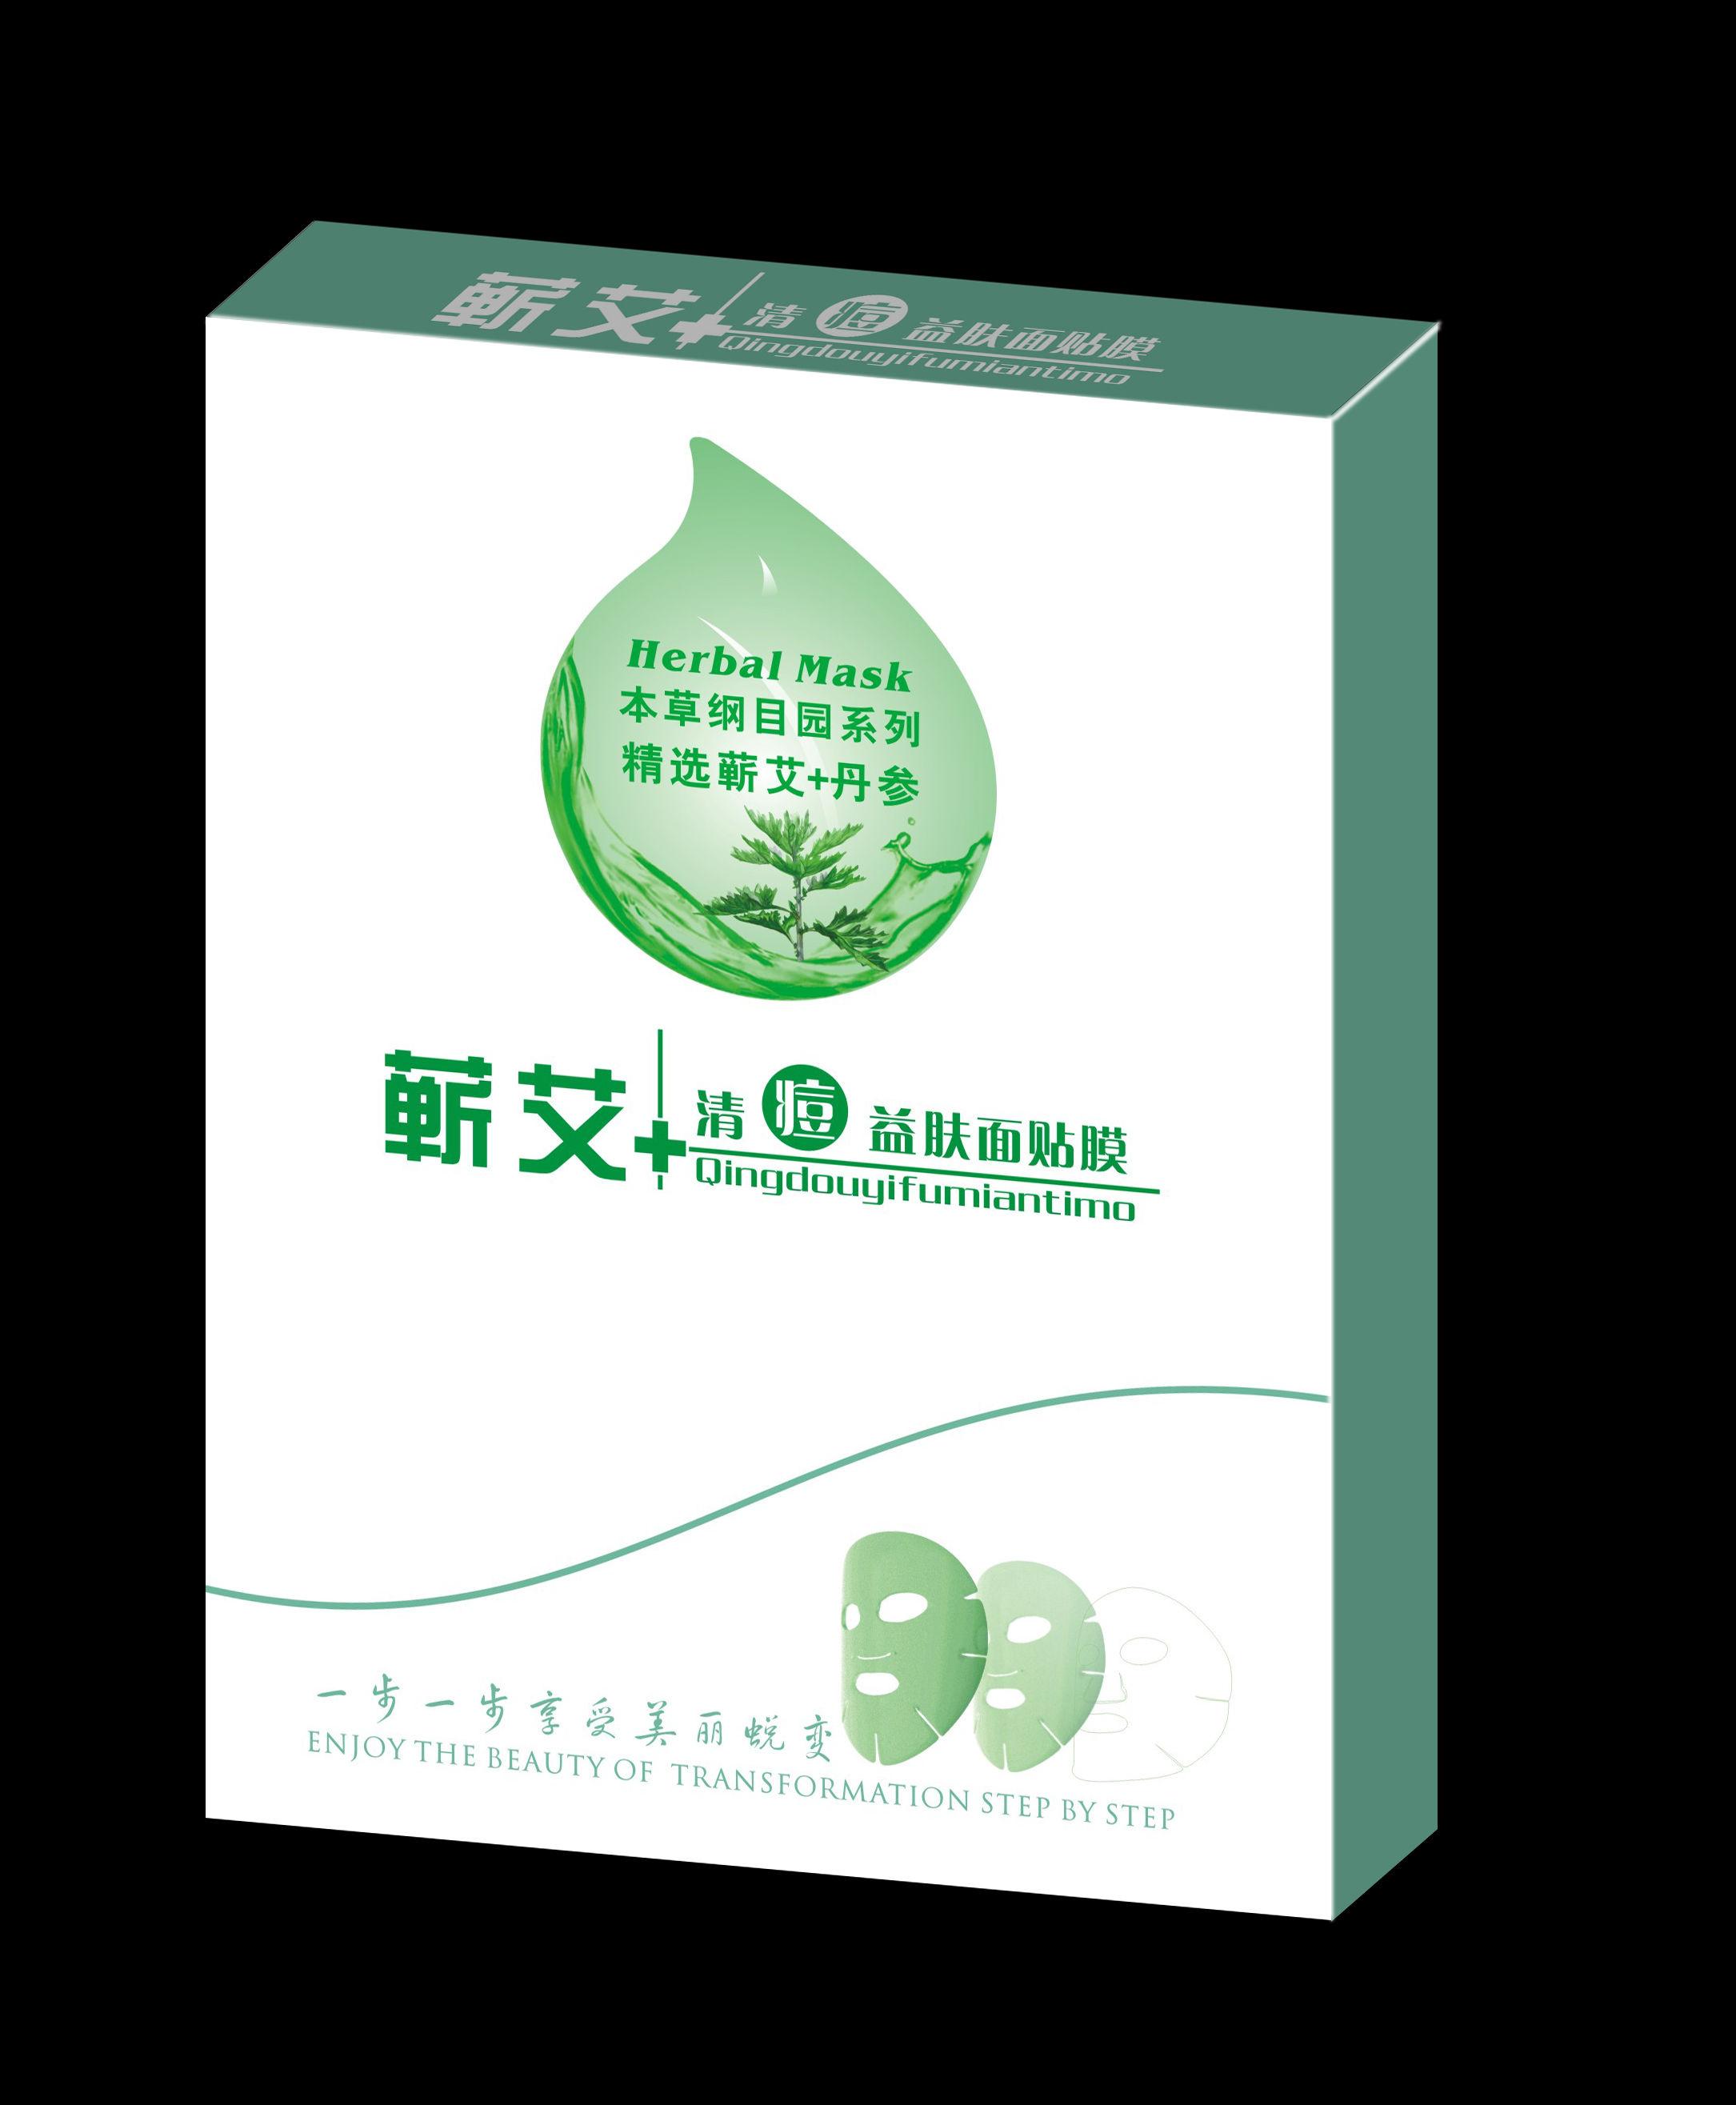 香港代購面膜牌子哪個好 香港代購面膜玻尿酸怎么樣